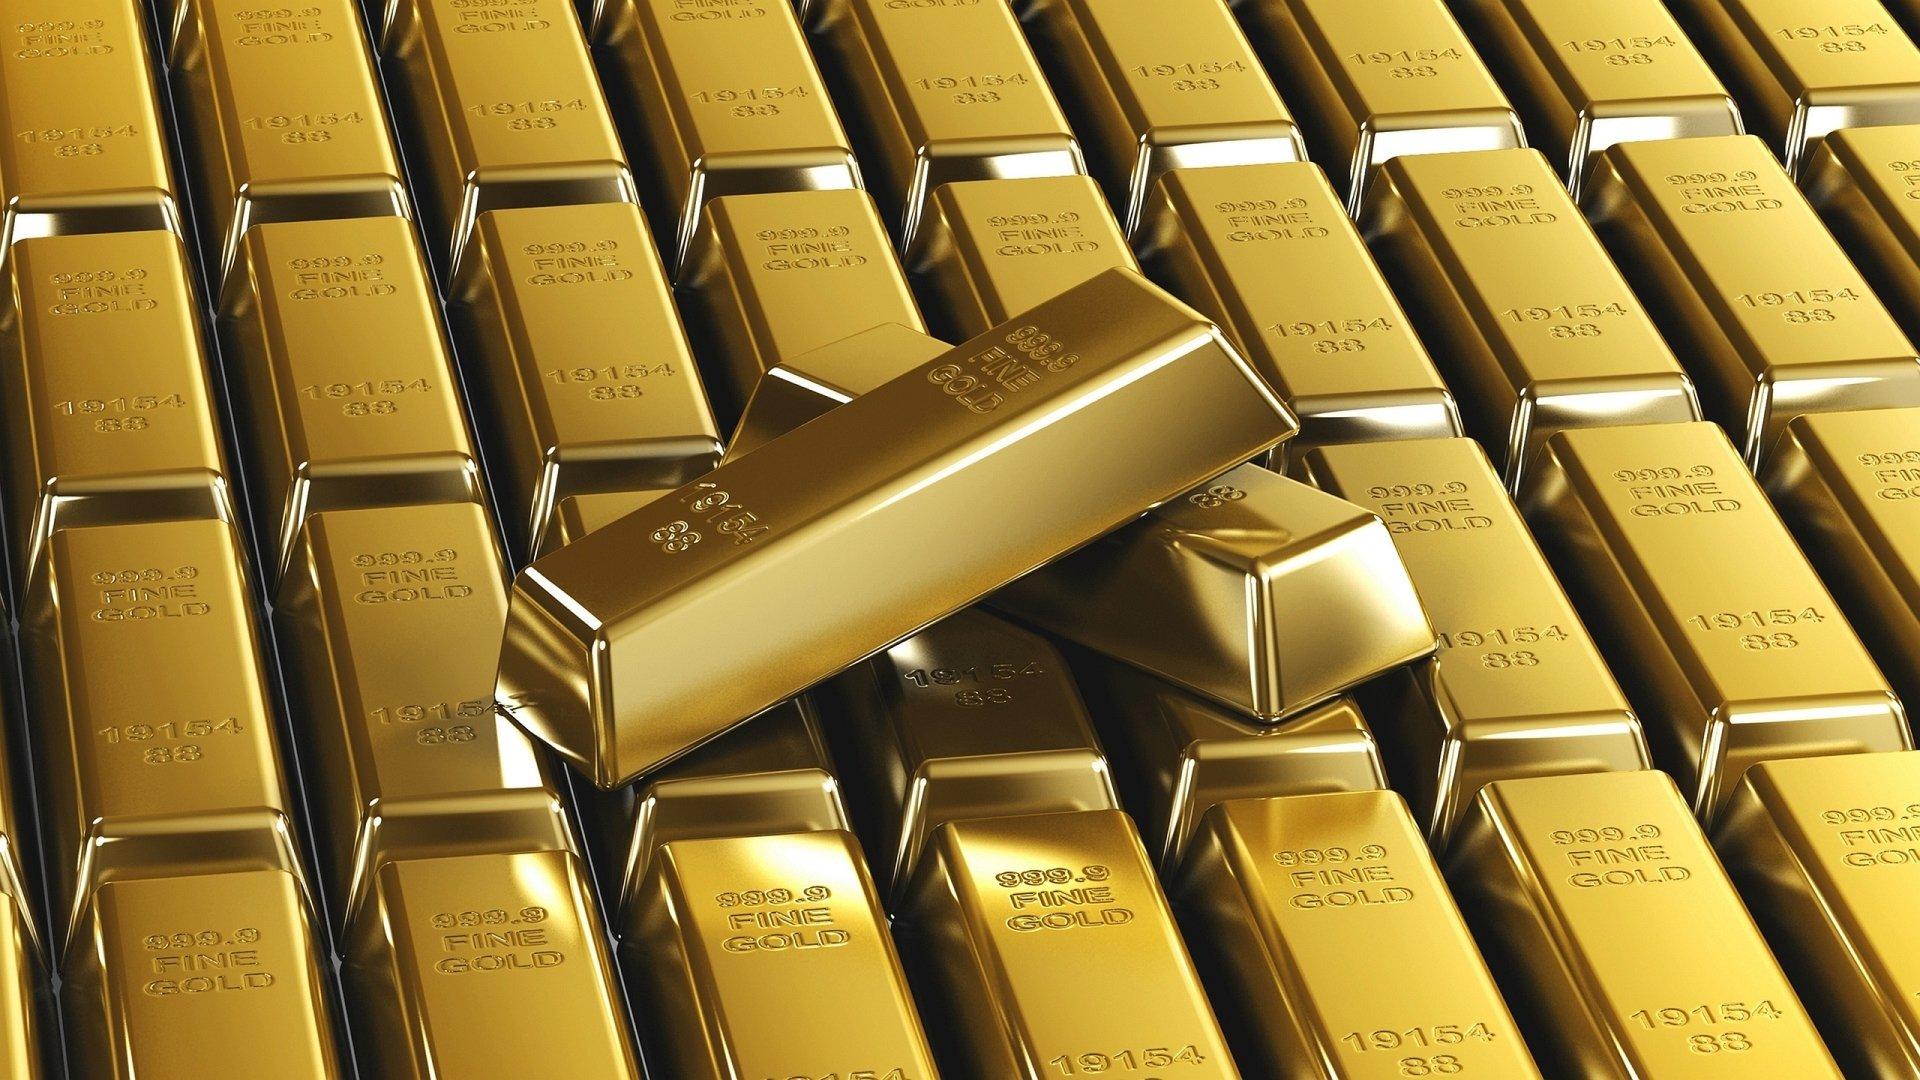 Đánh giá Tuần lễ Vàng: Đếm ngược đến Tổng tuyển cử Mỹ